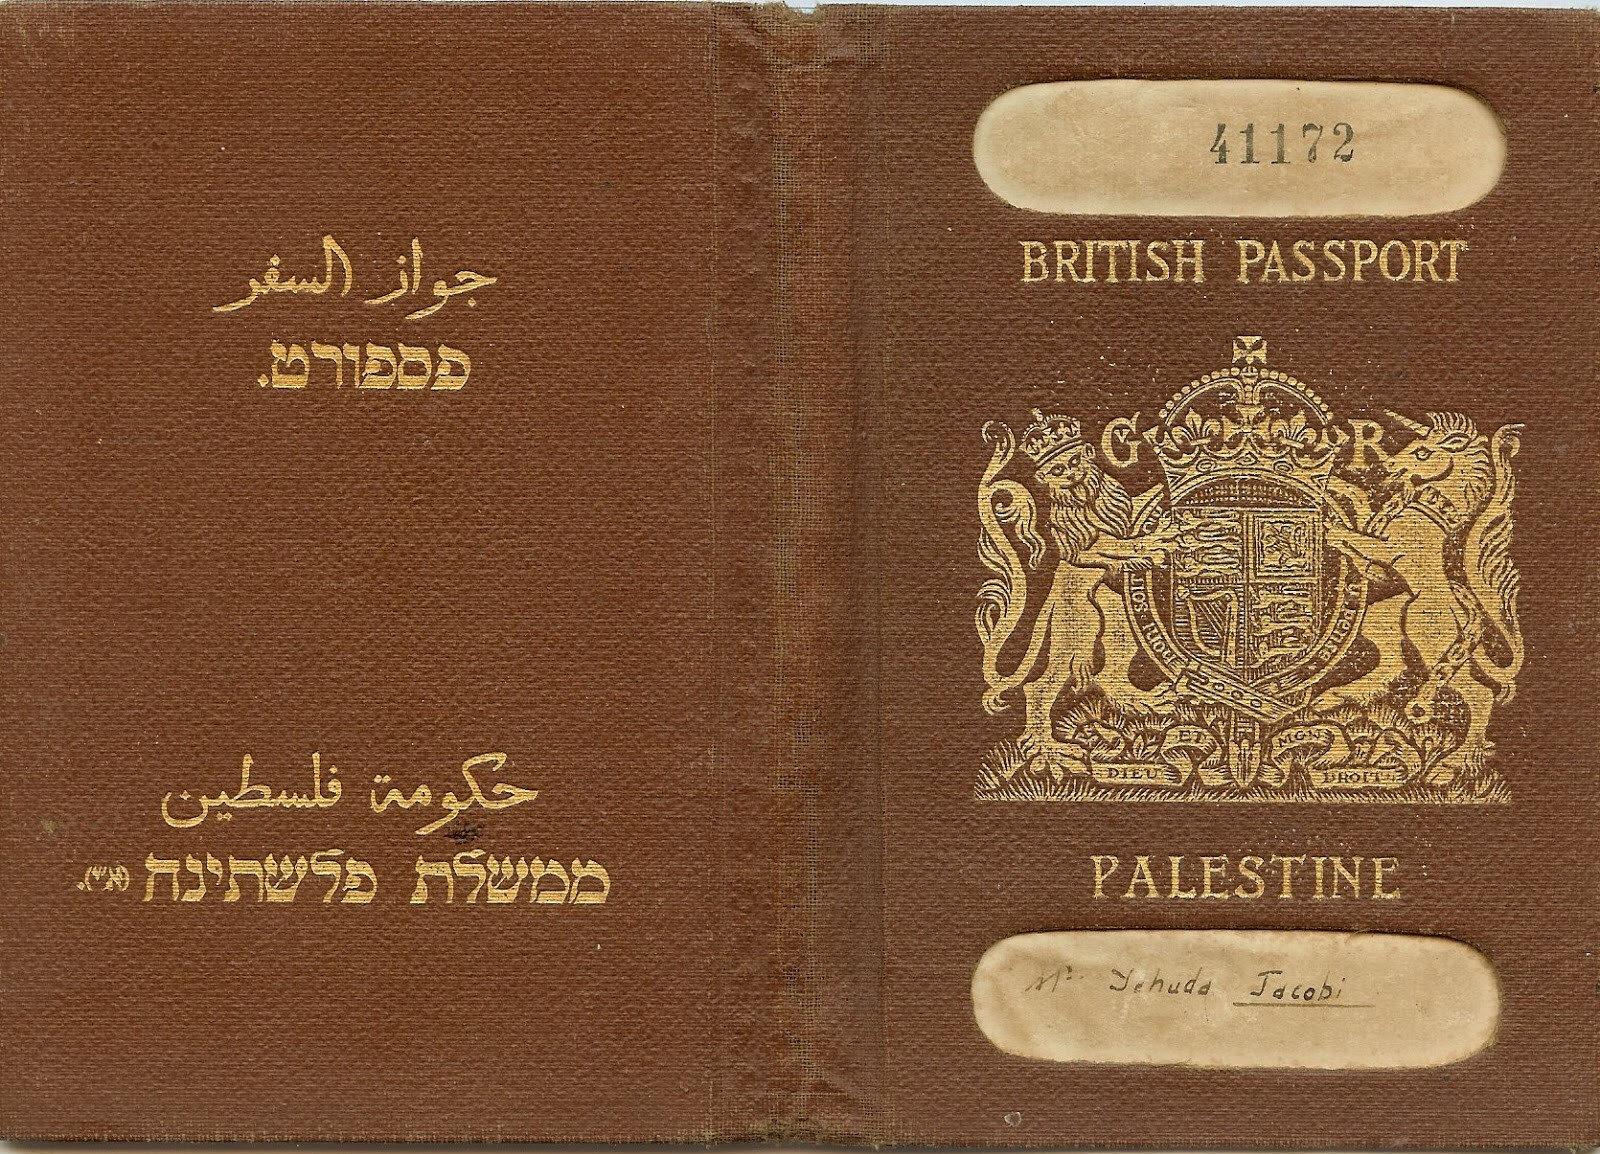 İsrail Devleti'nin resmi kuruluş tarihi olan 1948'e kadar bölge halkının taşımış olduğu pasaport.